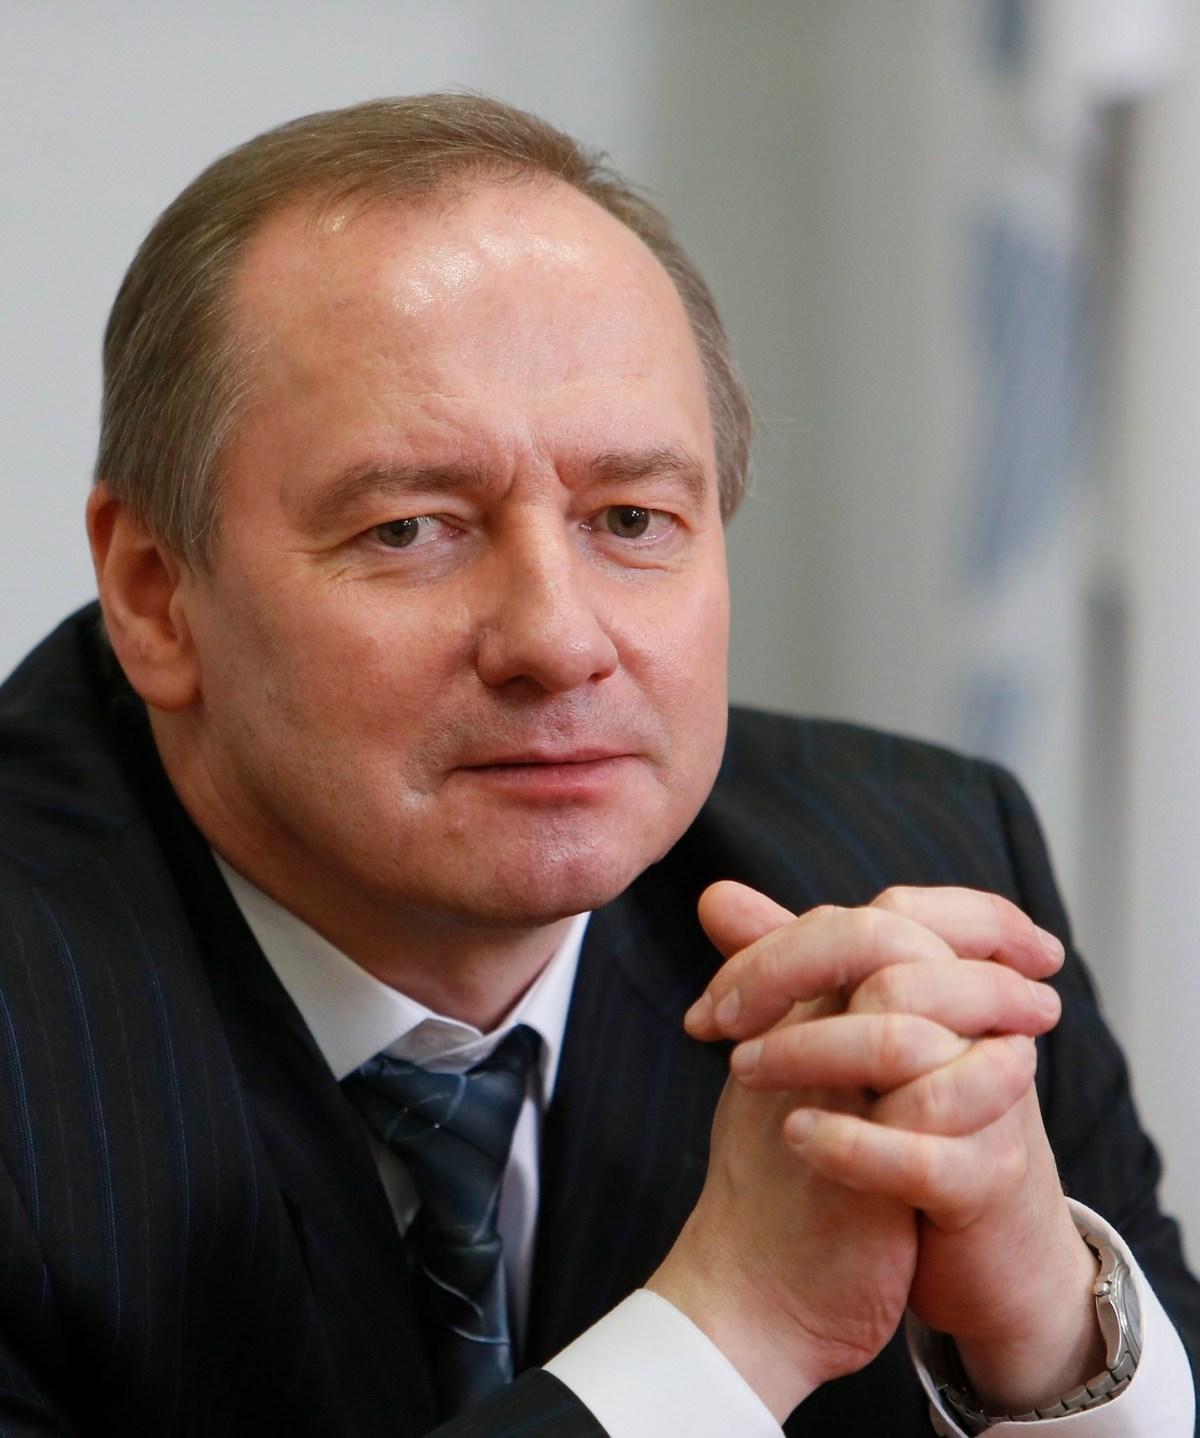 Yuriy O. Nedashkovskiy